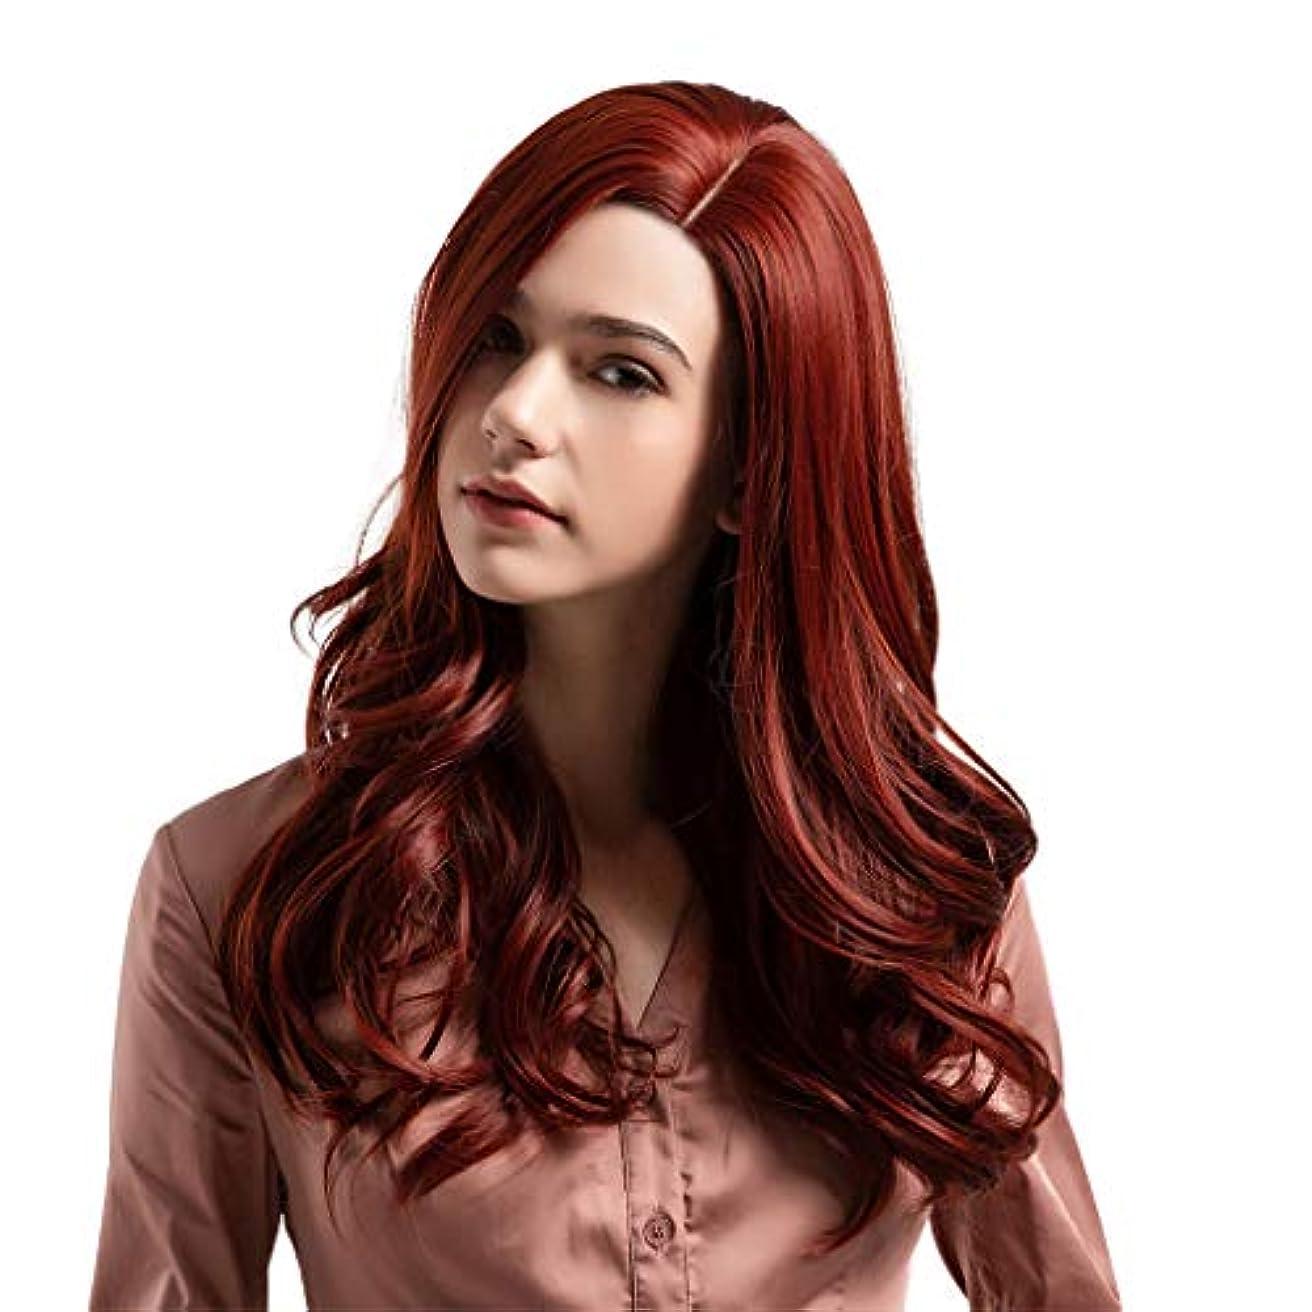 傾向家族バンカーかつら赤の長い髪の巻き毛の自然なかつら高温シルクウィッグ24インチ